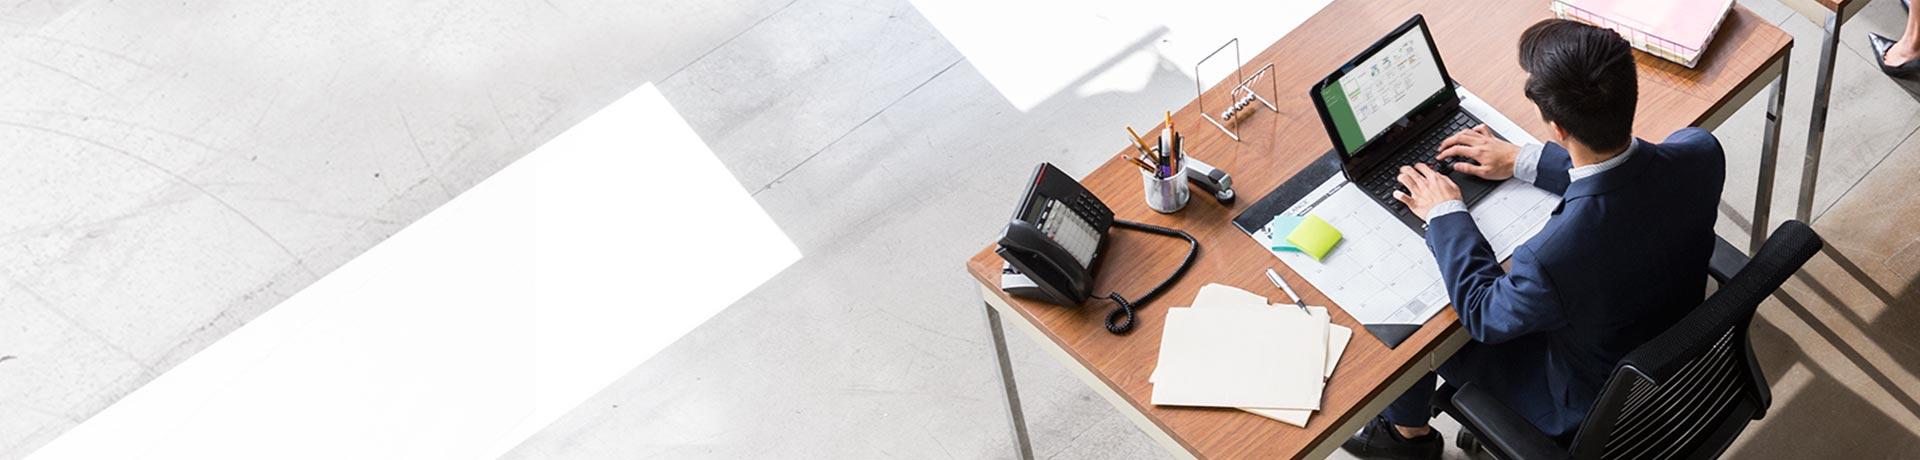 Mees istub kontoris laua taga ja töötab sülearvutis avatud Microsoft Projecti failiga